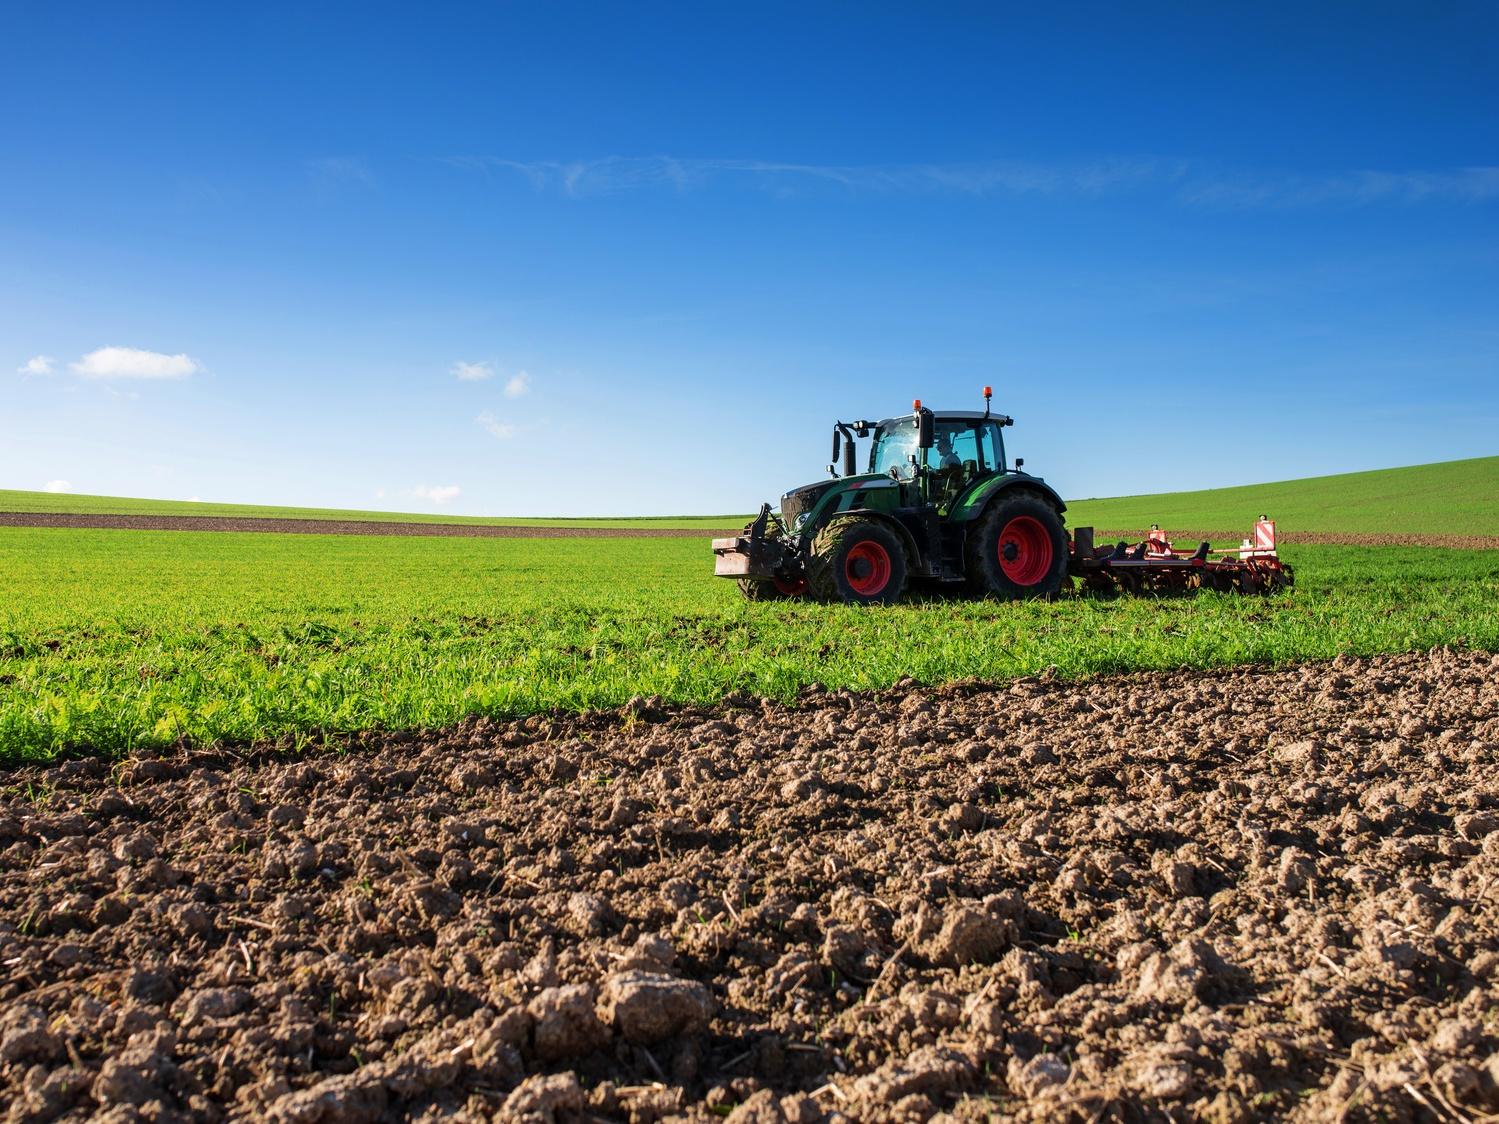 Κομισιόν: 191 εκατ. ευρώ για την προώθηση των γεωργικών προϊόντων διατροφής